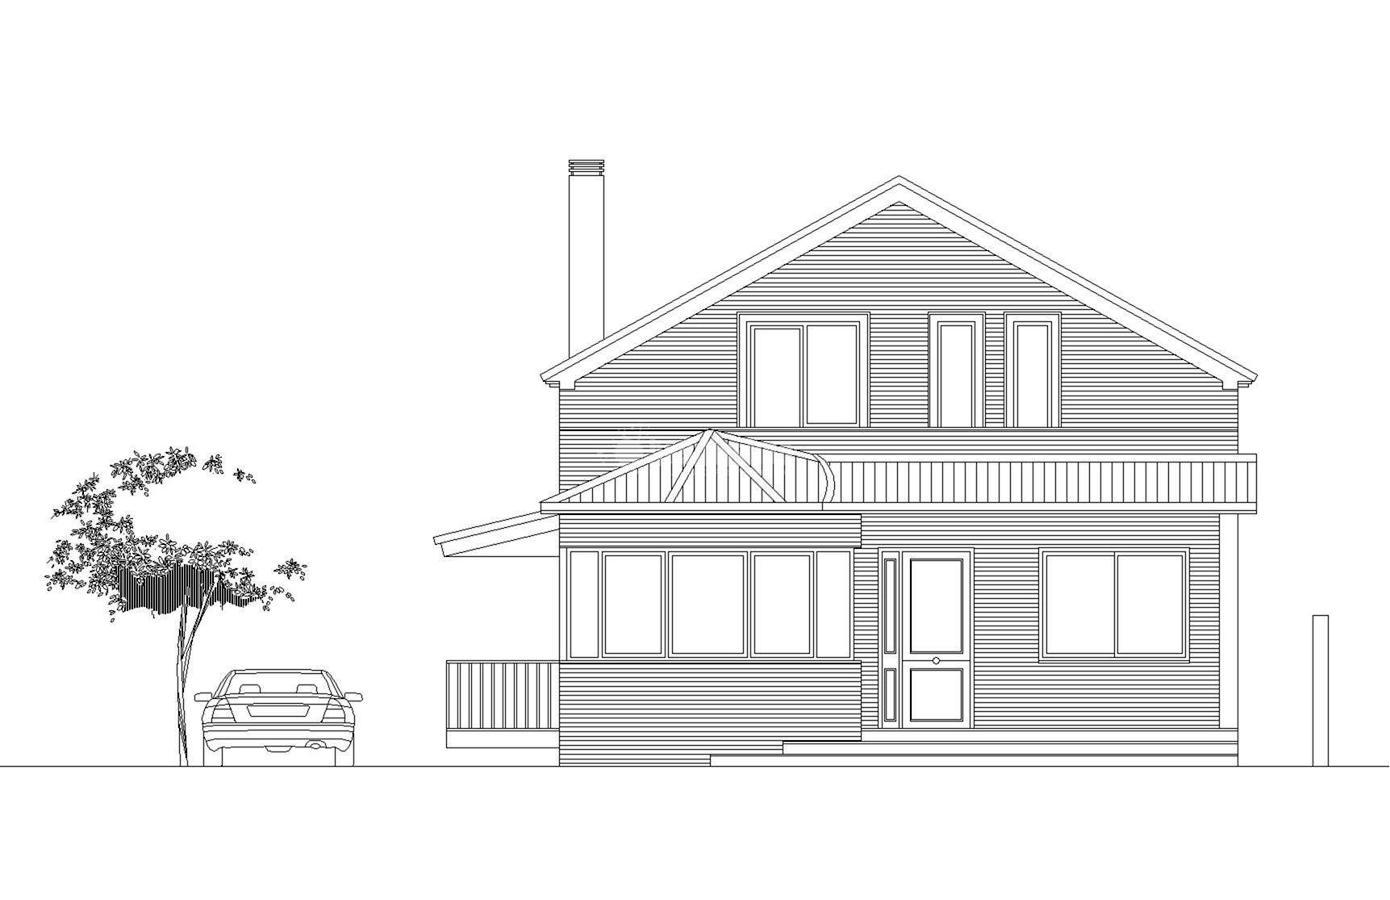 Proyecto vivienda unifamiliar precio awesome elegant top presupuesto proyecto vivienda - Precio proyecto vivienda ...